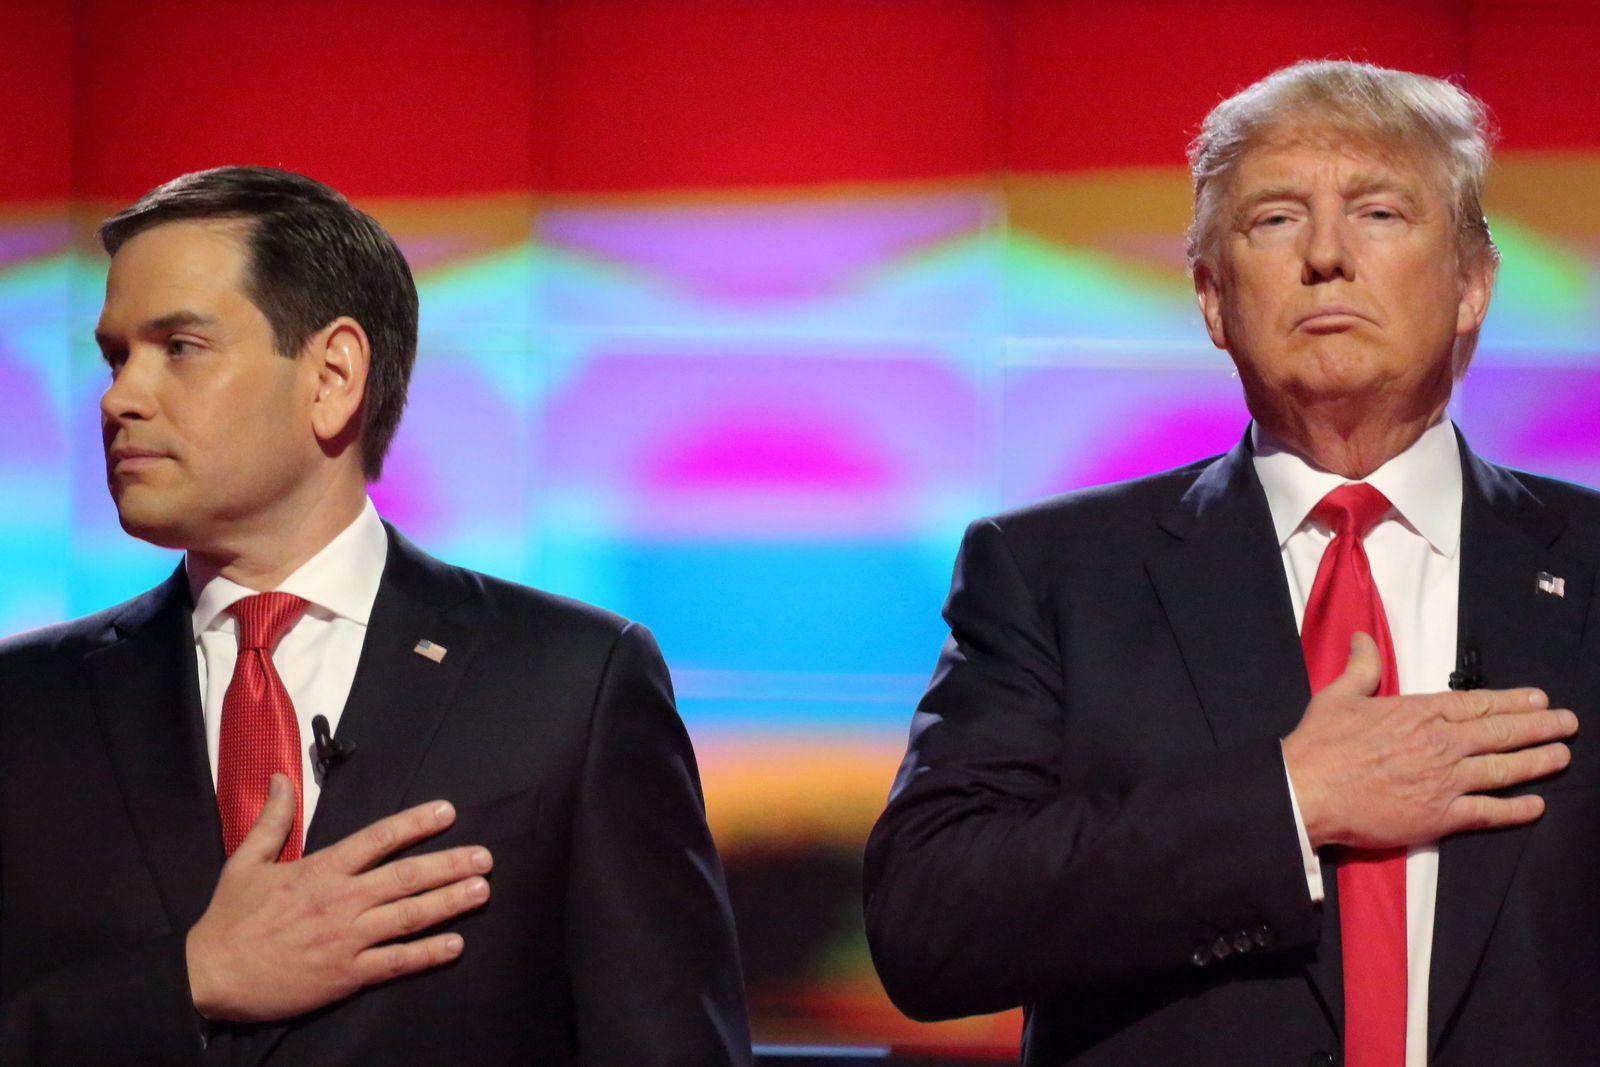 Marco Rubio / Donald Trump